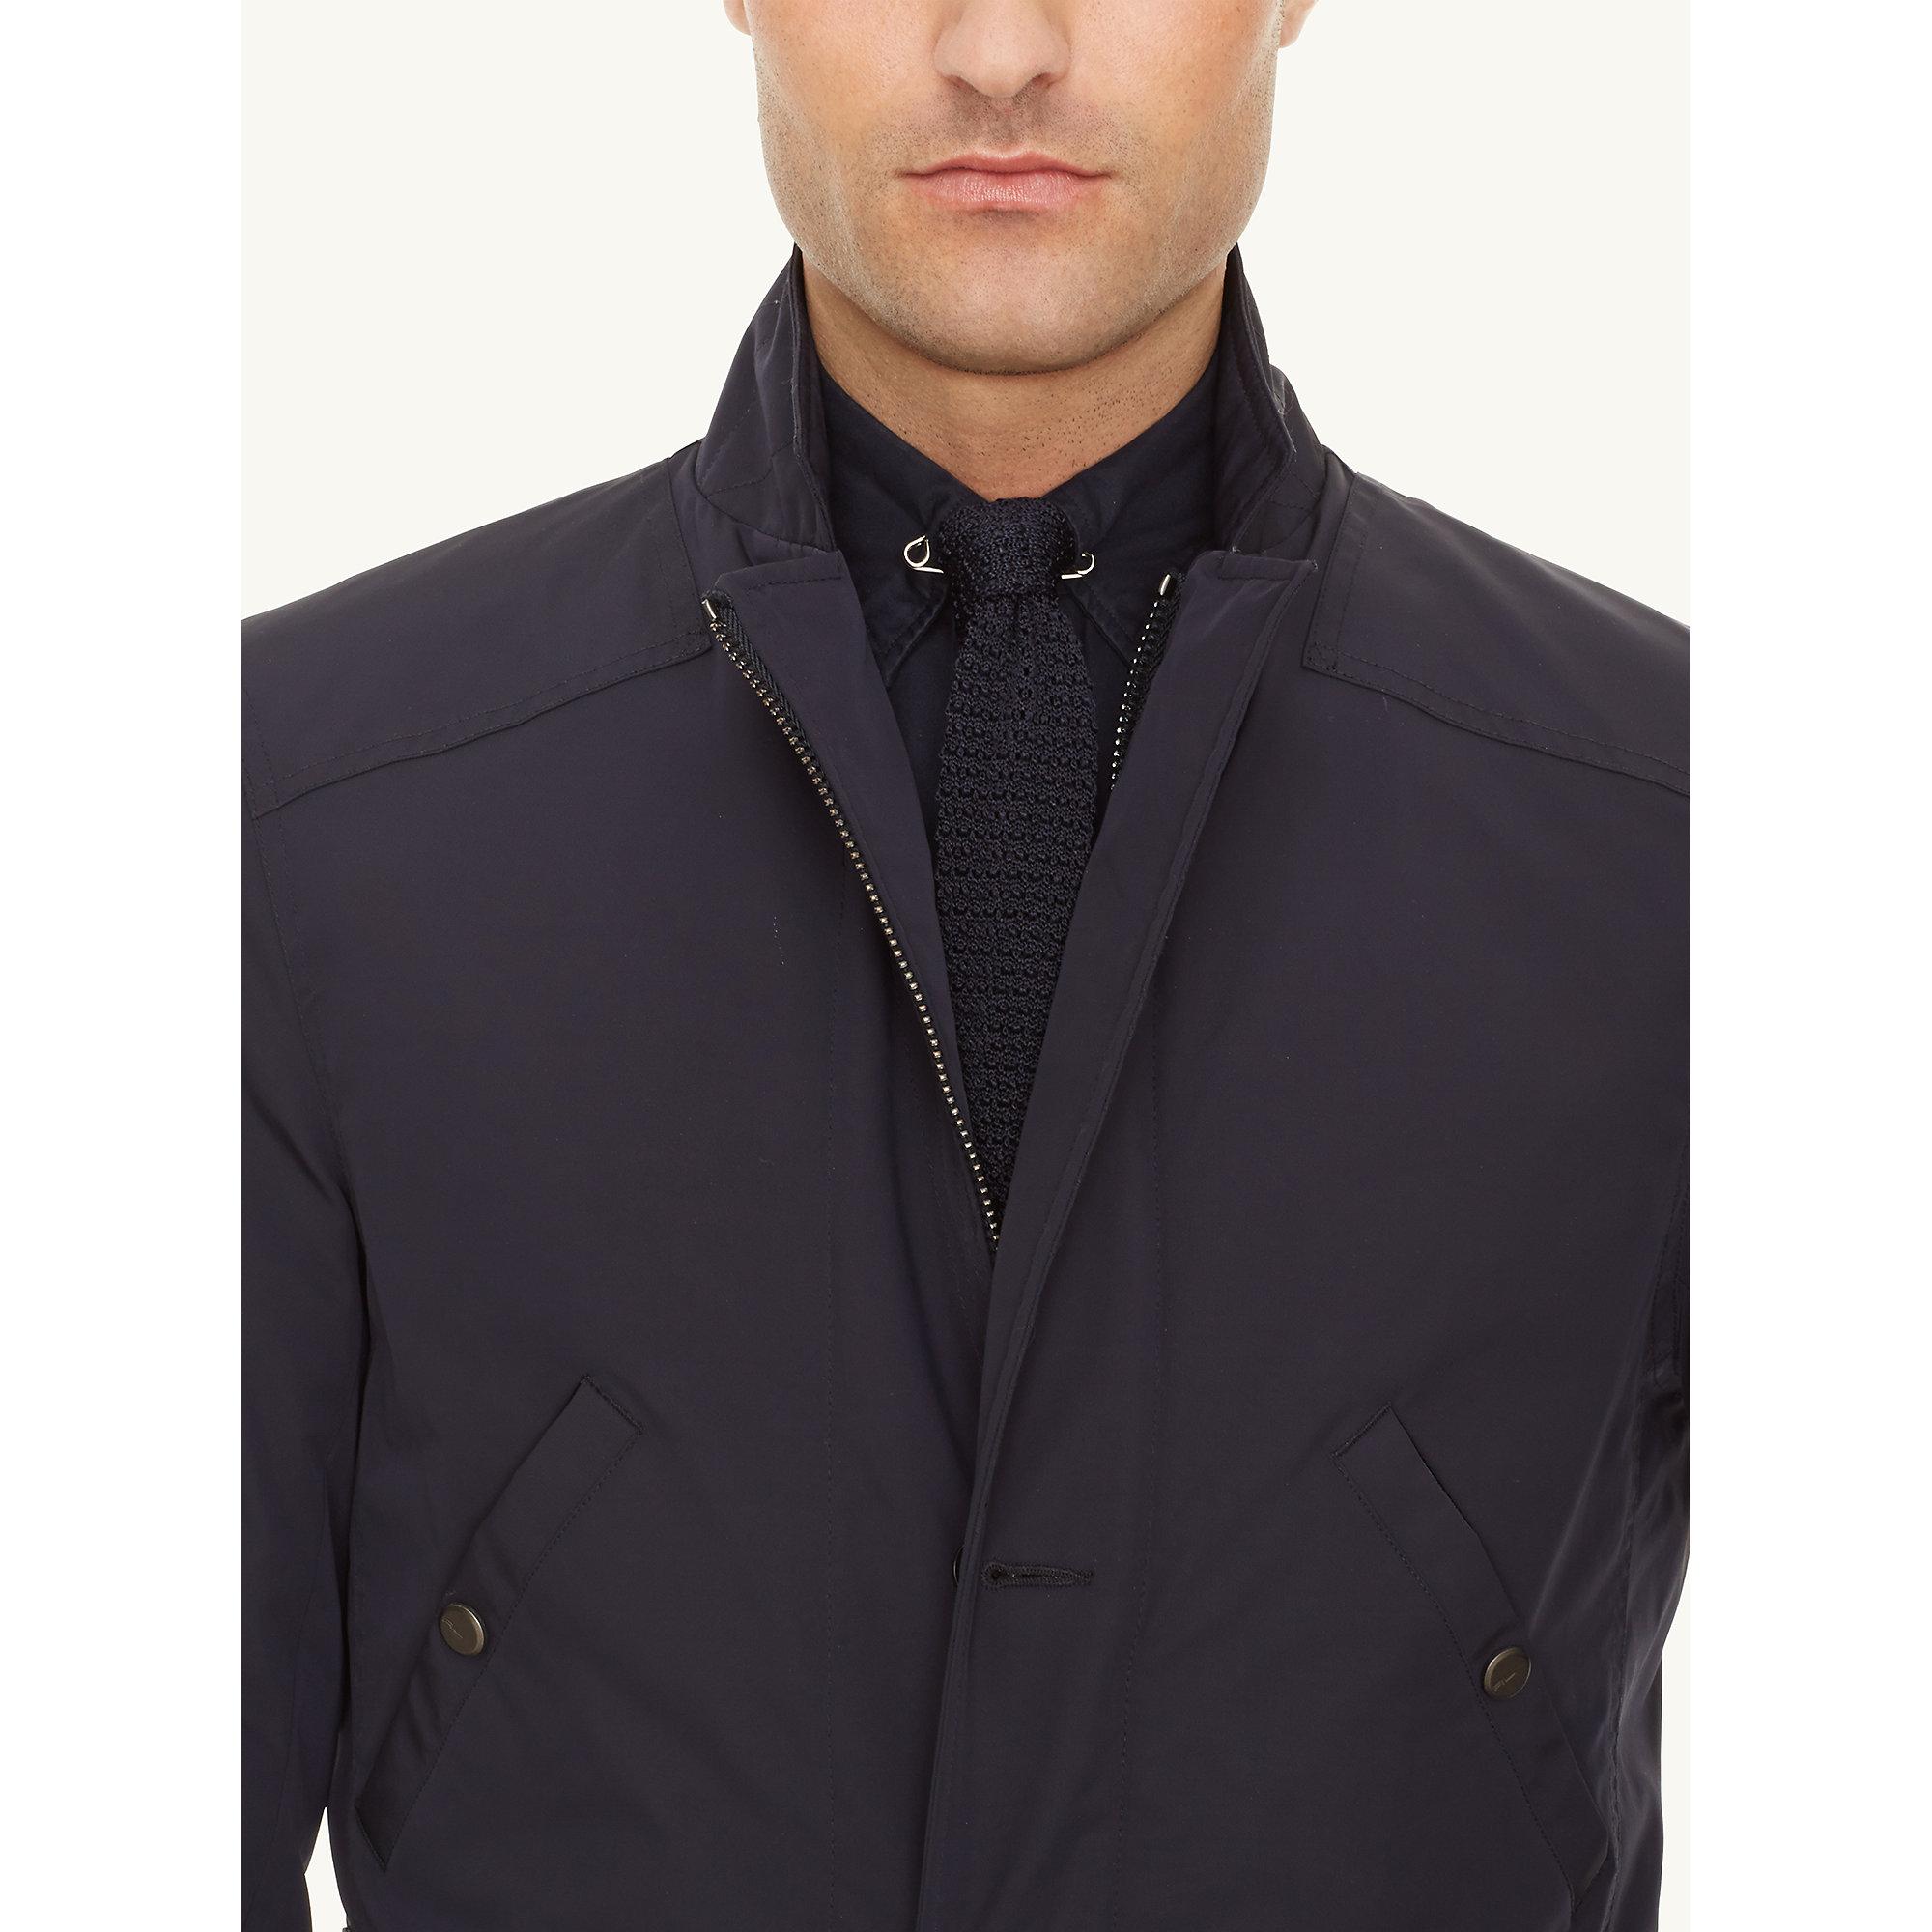 Ralph lauren Military Sport Coat in Black for Men | Lyst